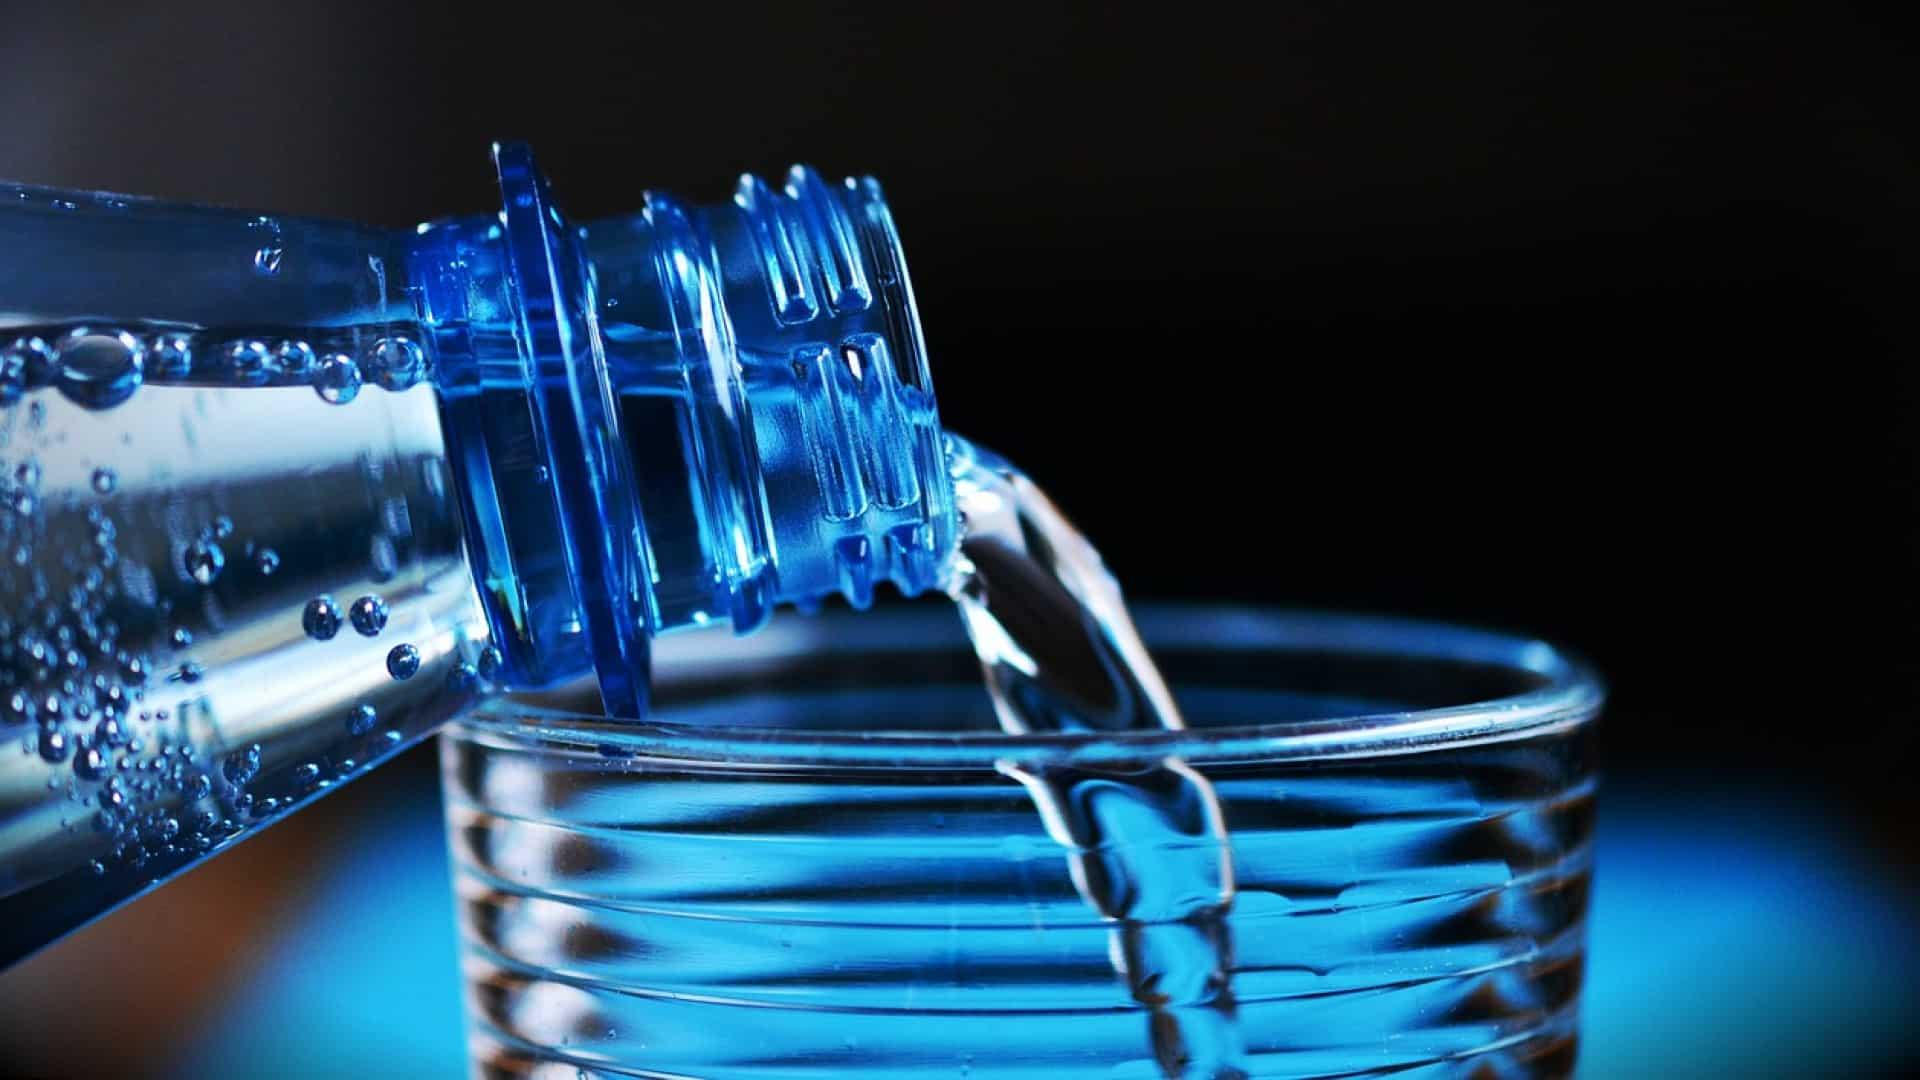 Pourquoi installer un adoucisseur d'eau ?